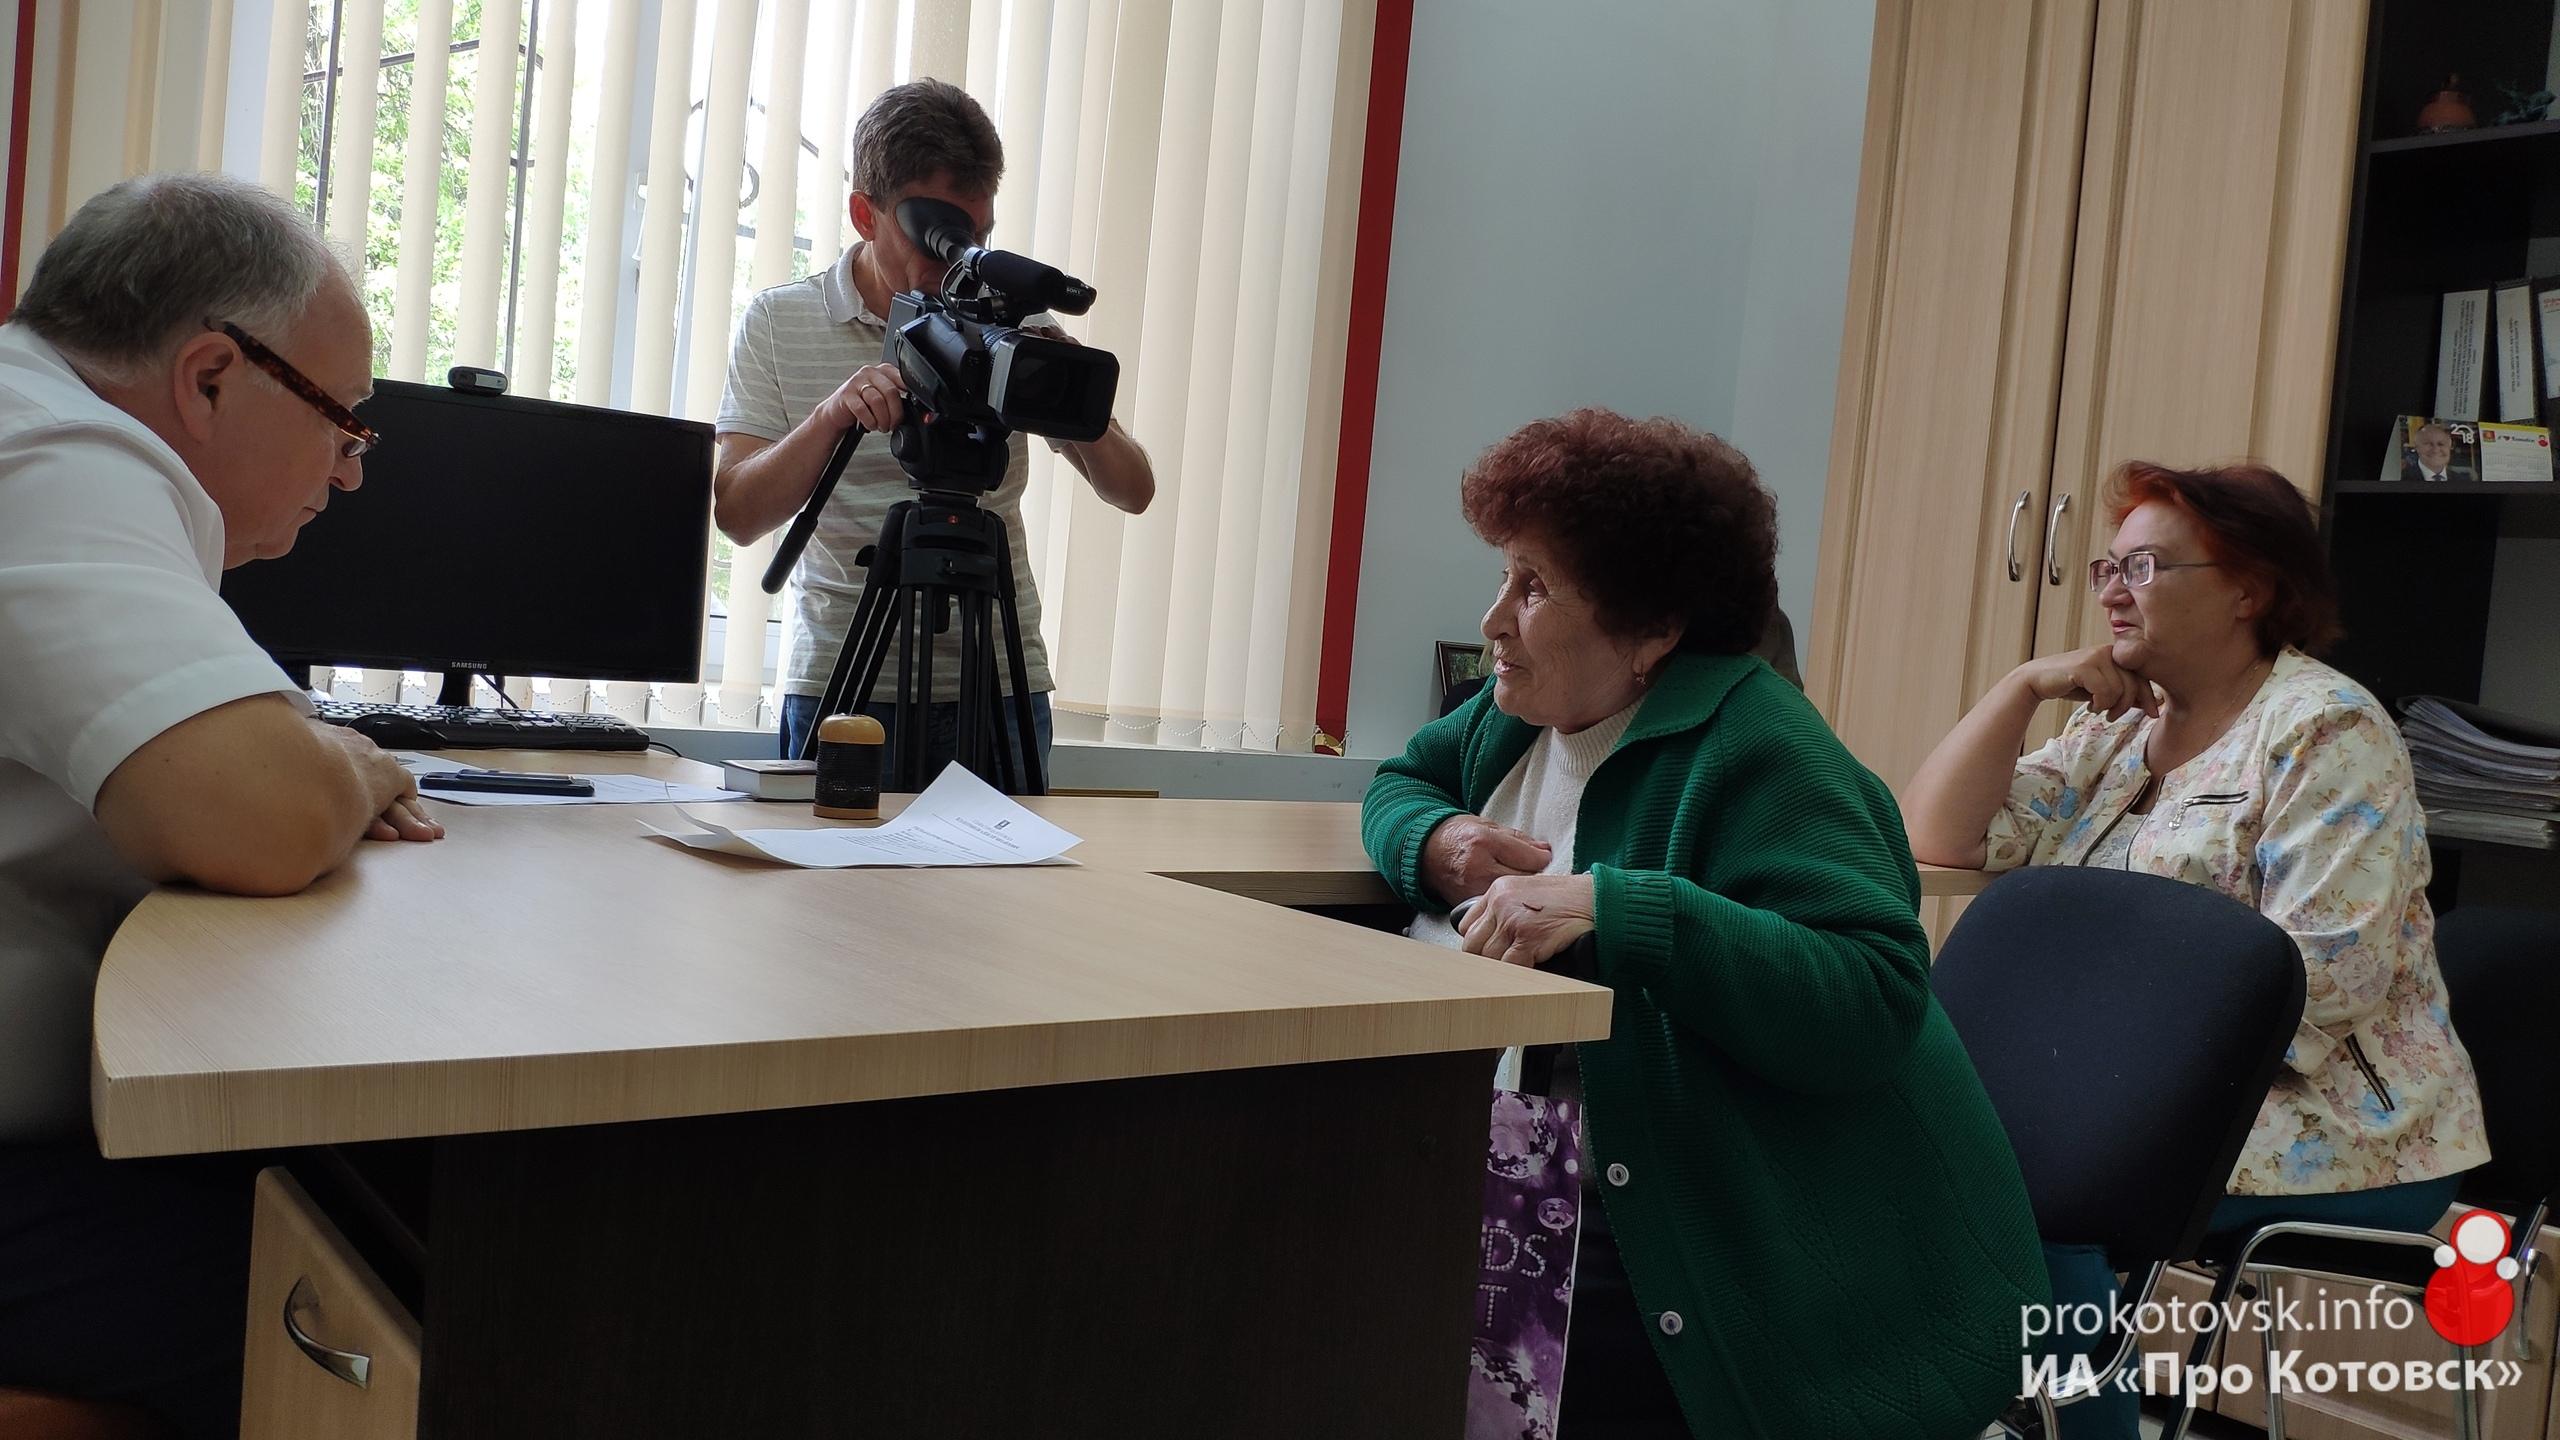 Глава Котовска Алексей Плахотников провел прием граждан в городском МФЦ